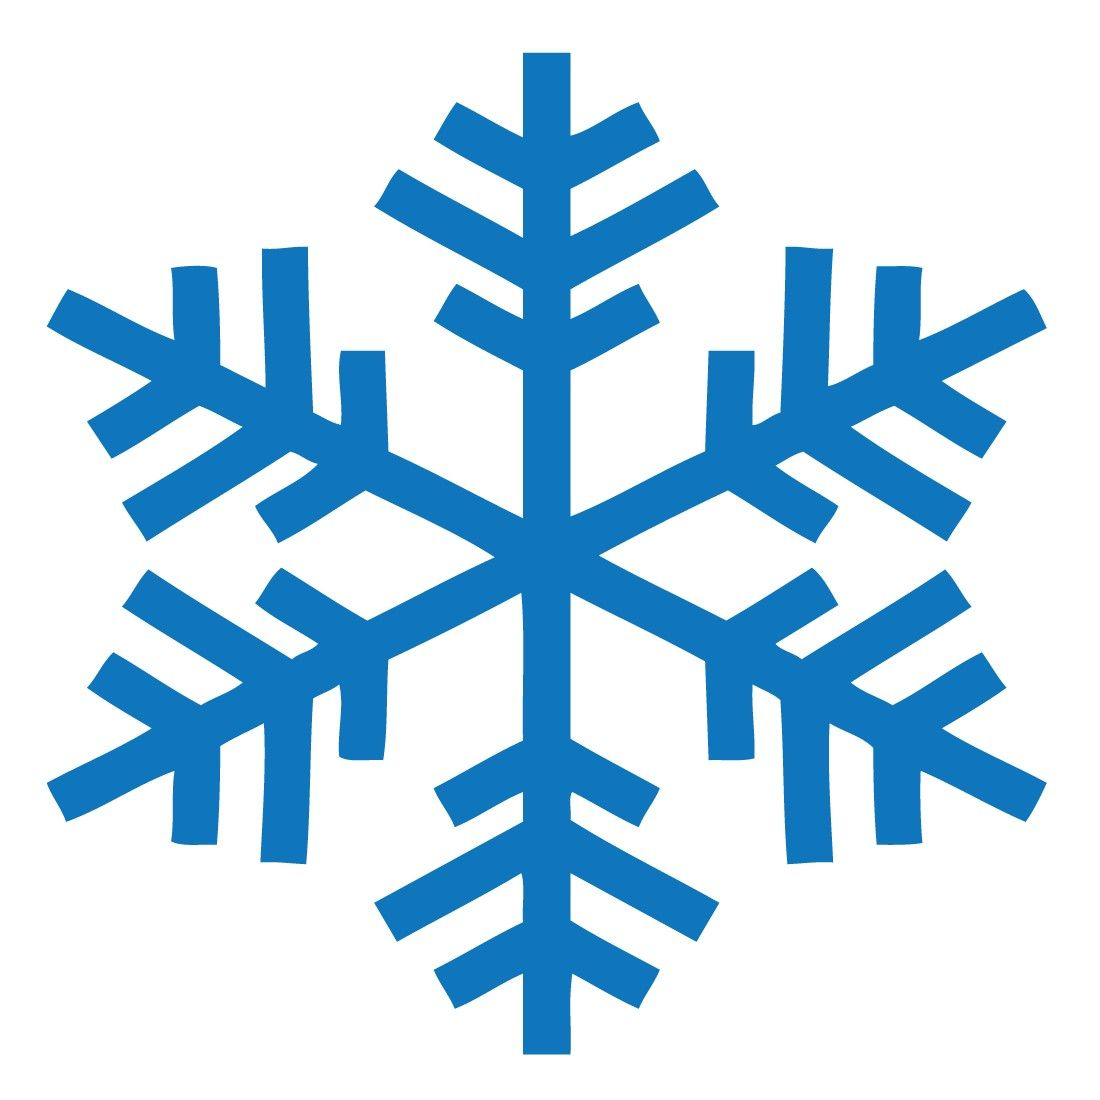 Znalezione obrazy dla zapytania gify śnieg